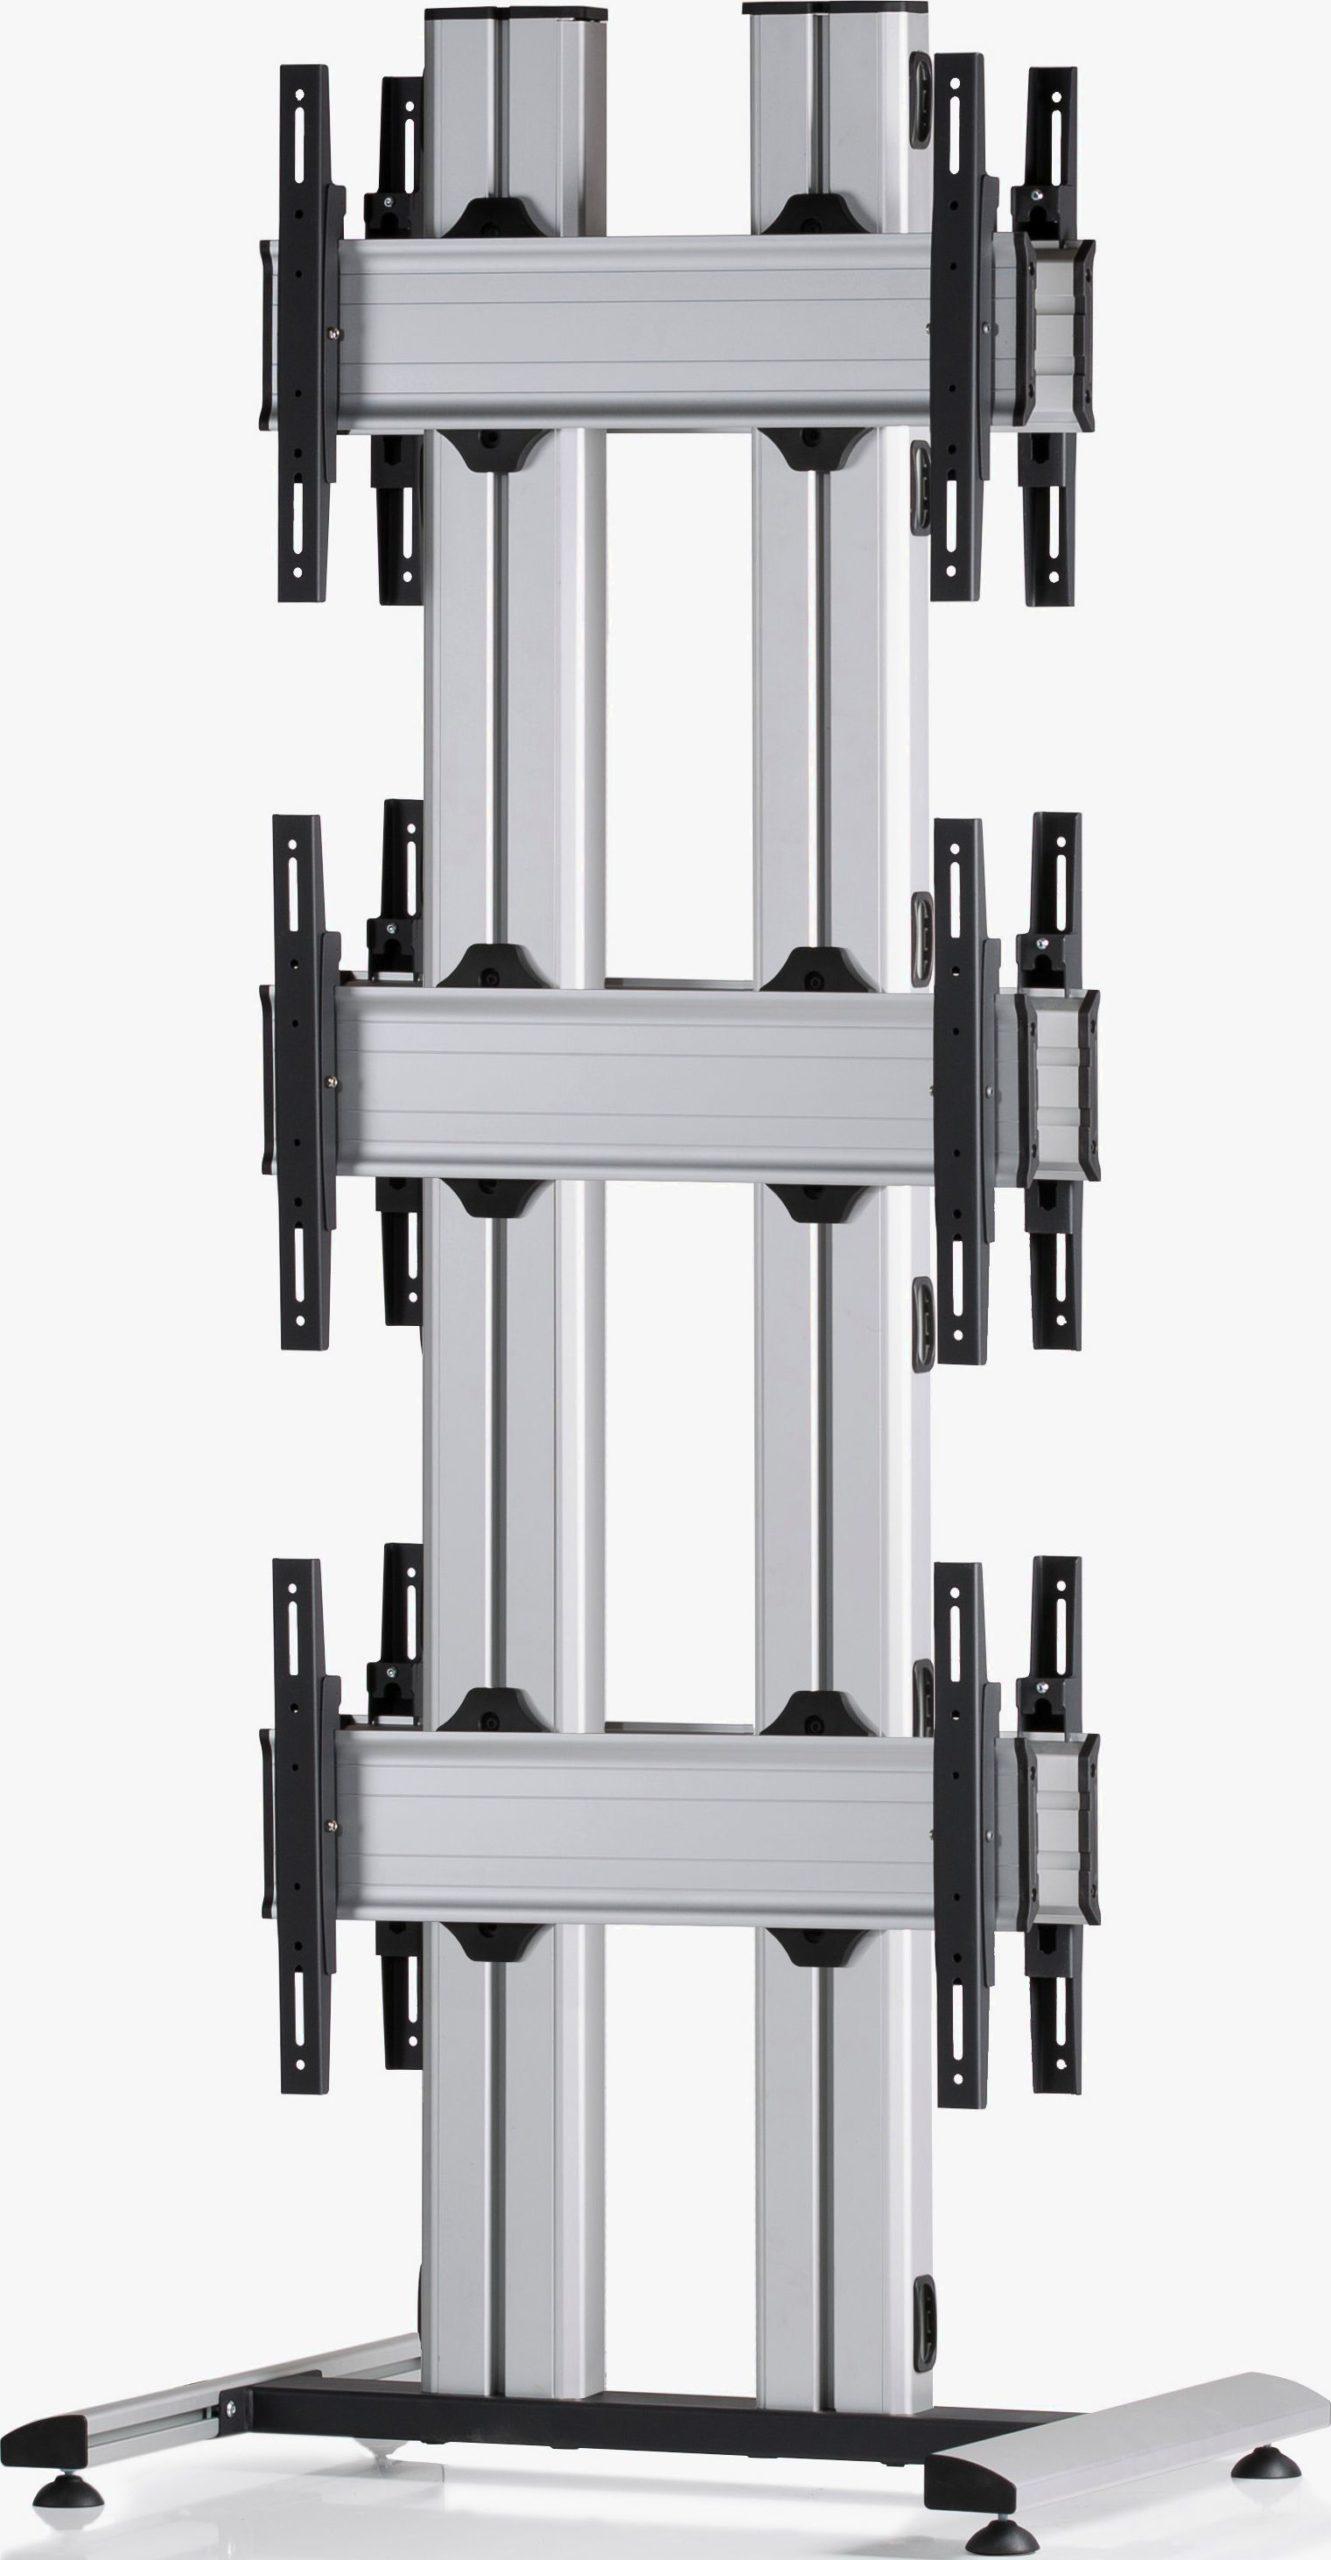 6 Displays 3x1 beidseitig, für große Bildschirme, Standard-VESA, auf Standfuß